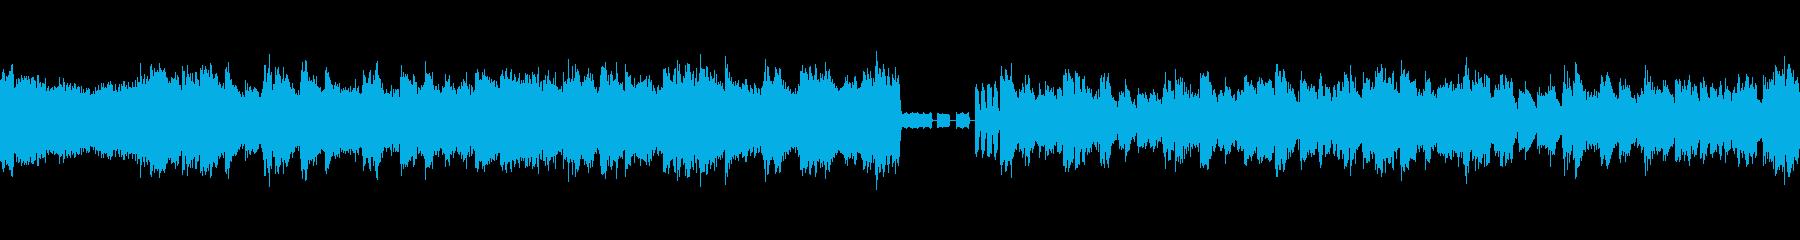 近未来的を想起させるサイバーな曲の再生済みの波形